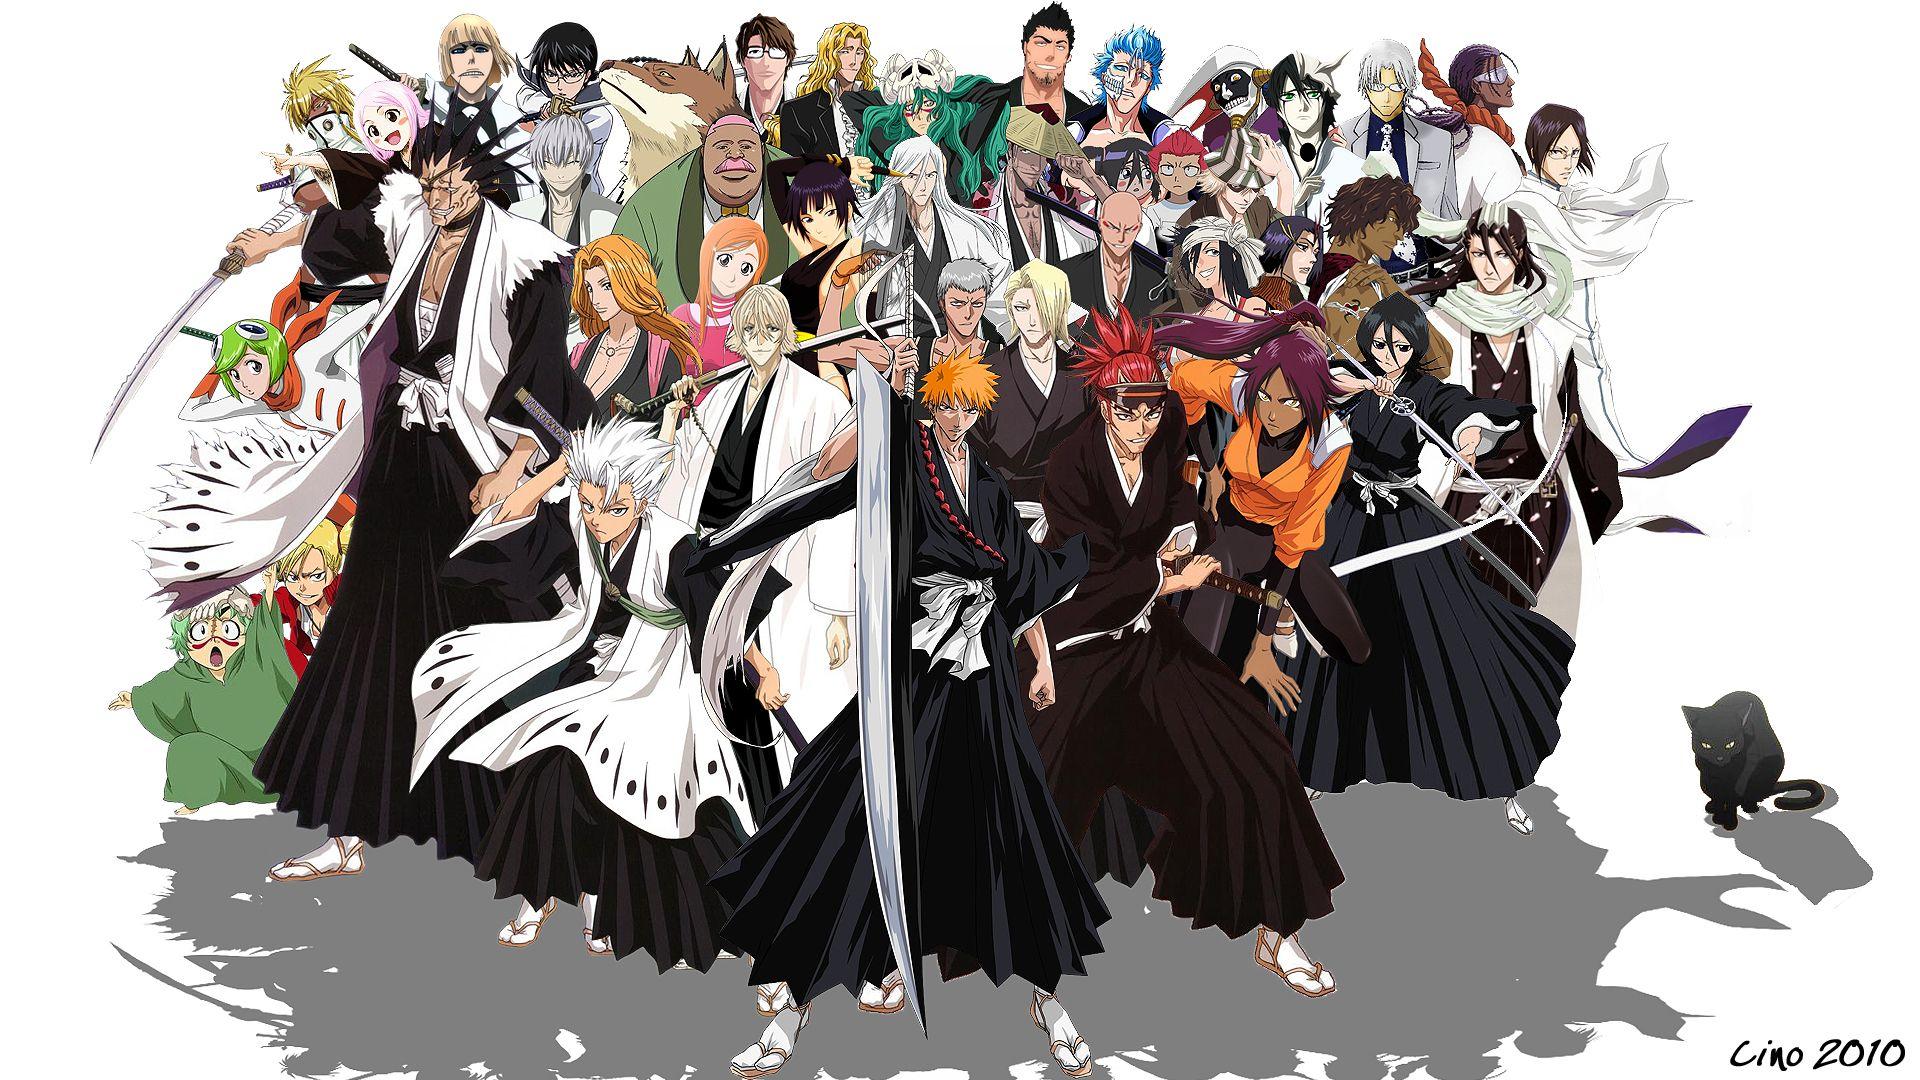 Bleach Characters Bleach anime, Bleach episodes, Bleach